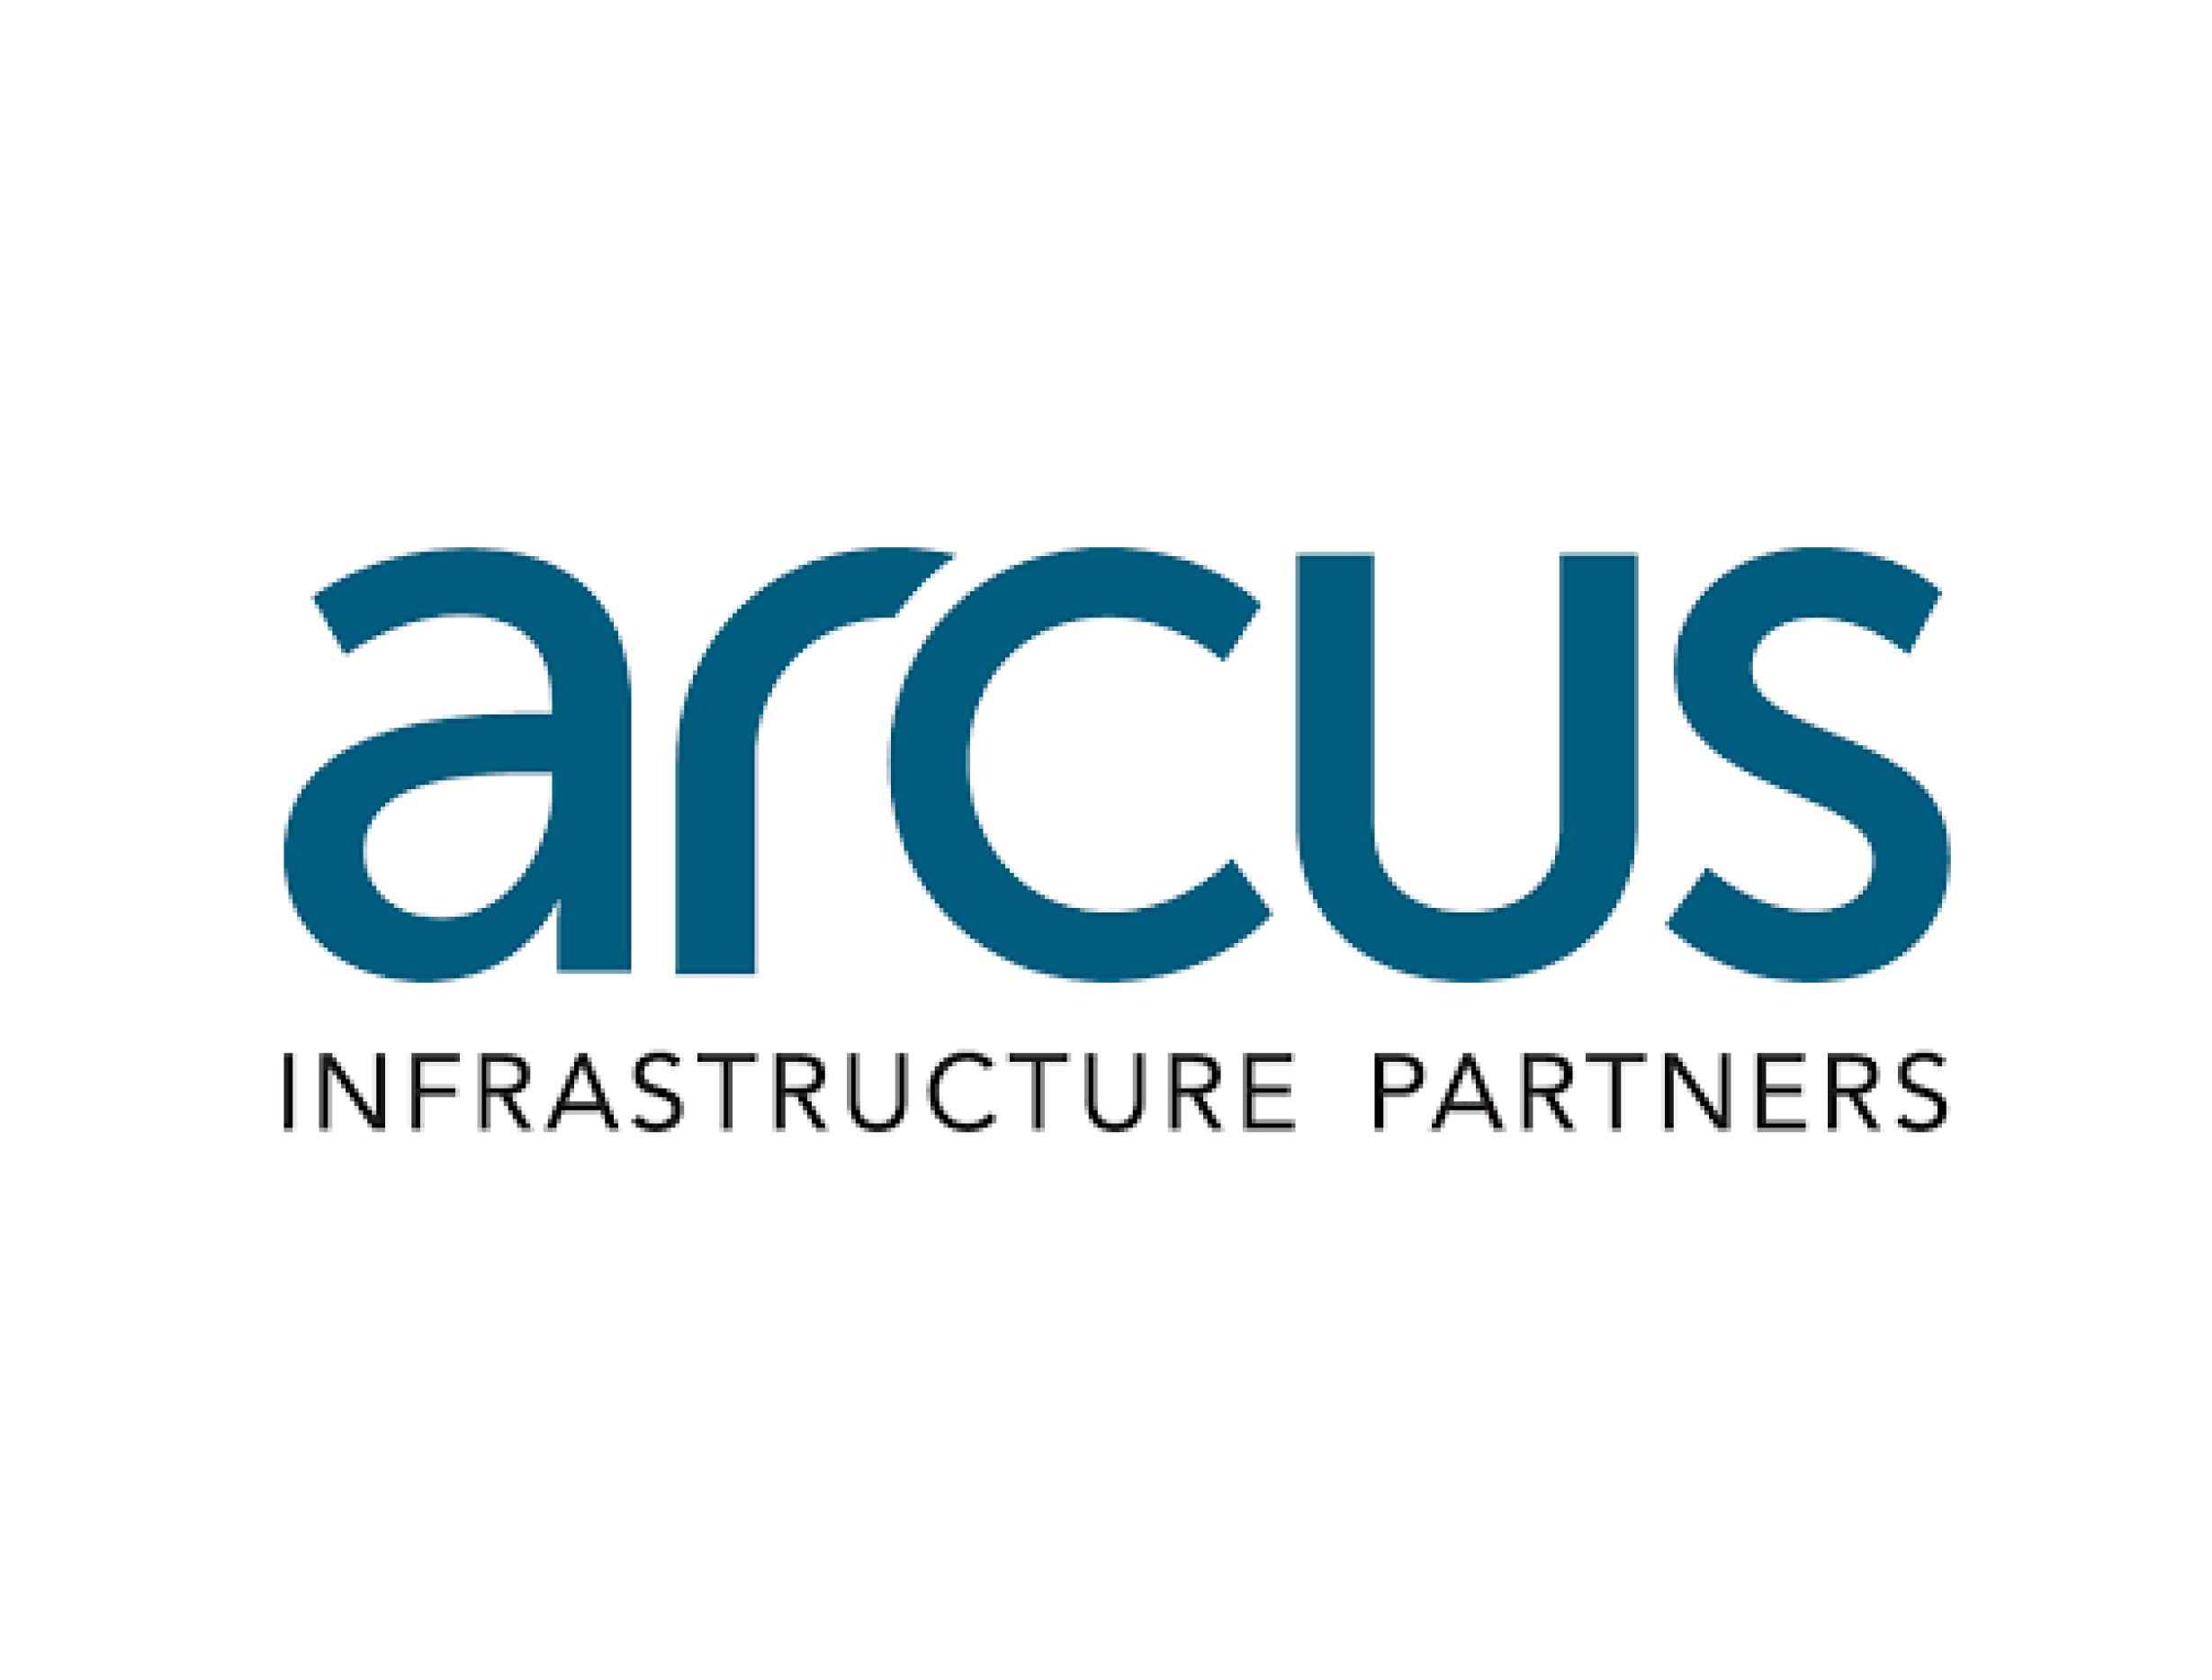 Arcuss Logo PNG-PlusPNG pluspng.com-2458 - Arcuss Logo PNG - Arcuss Vector PNG